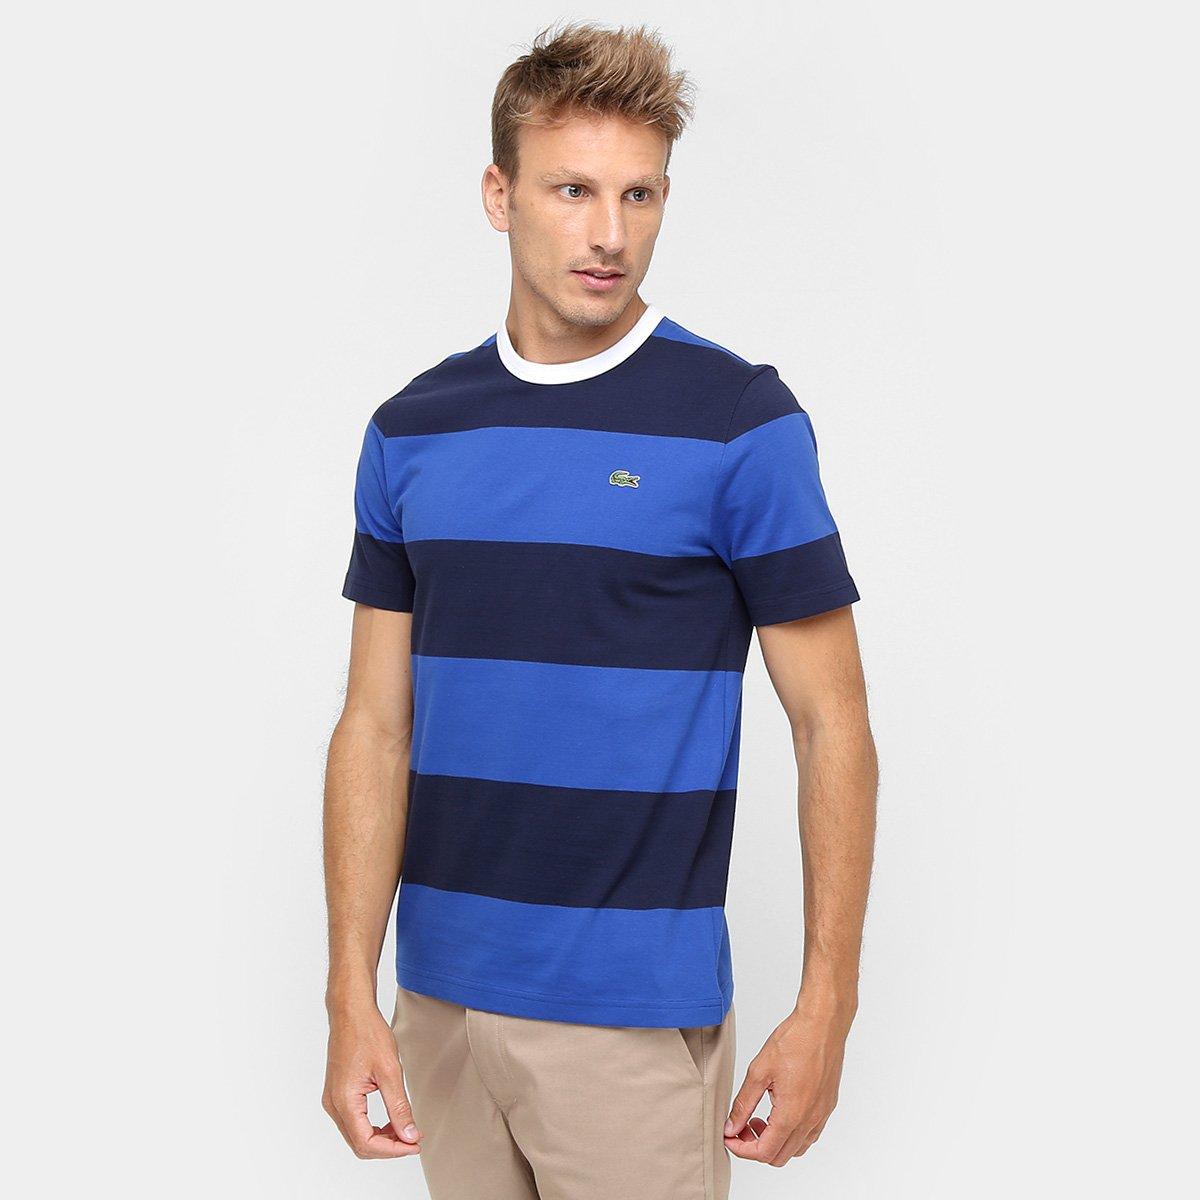 Camiseta Lacoste Live Listras - Compre Agora   Zattini 4c9e2b11c4